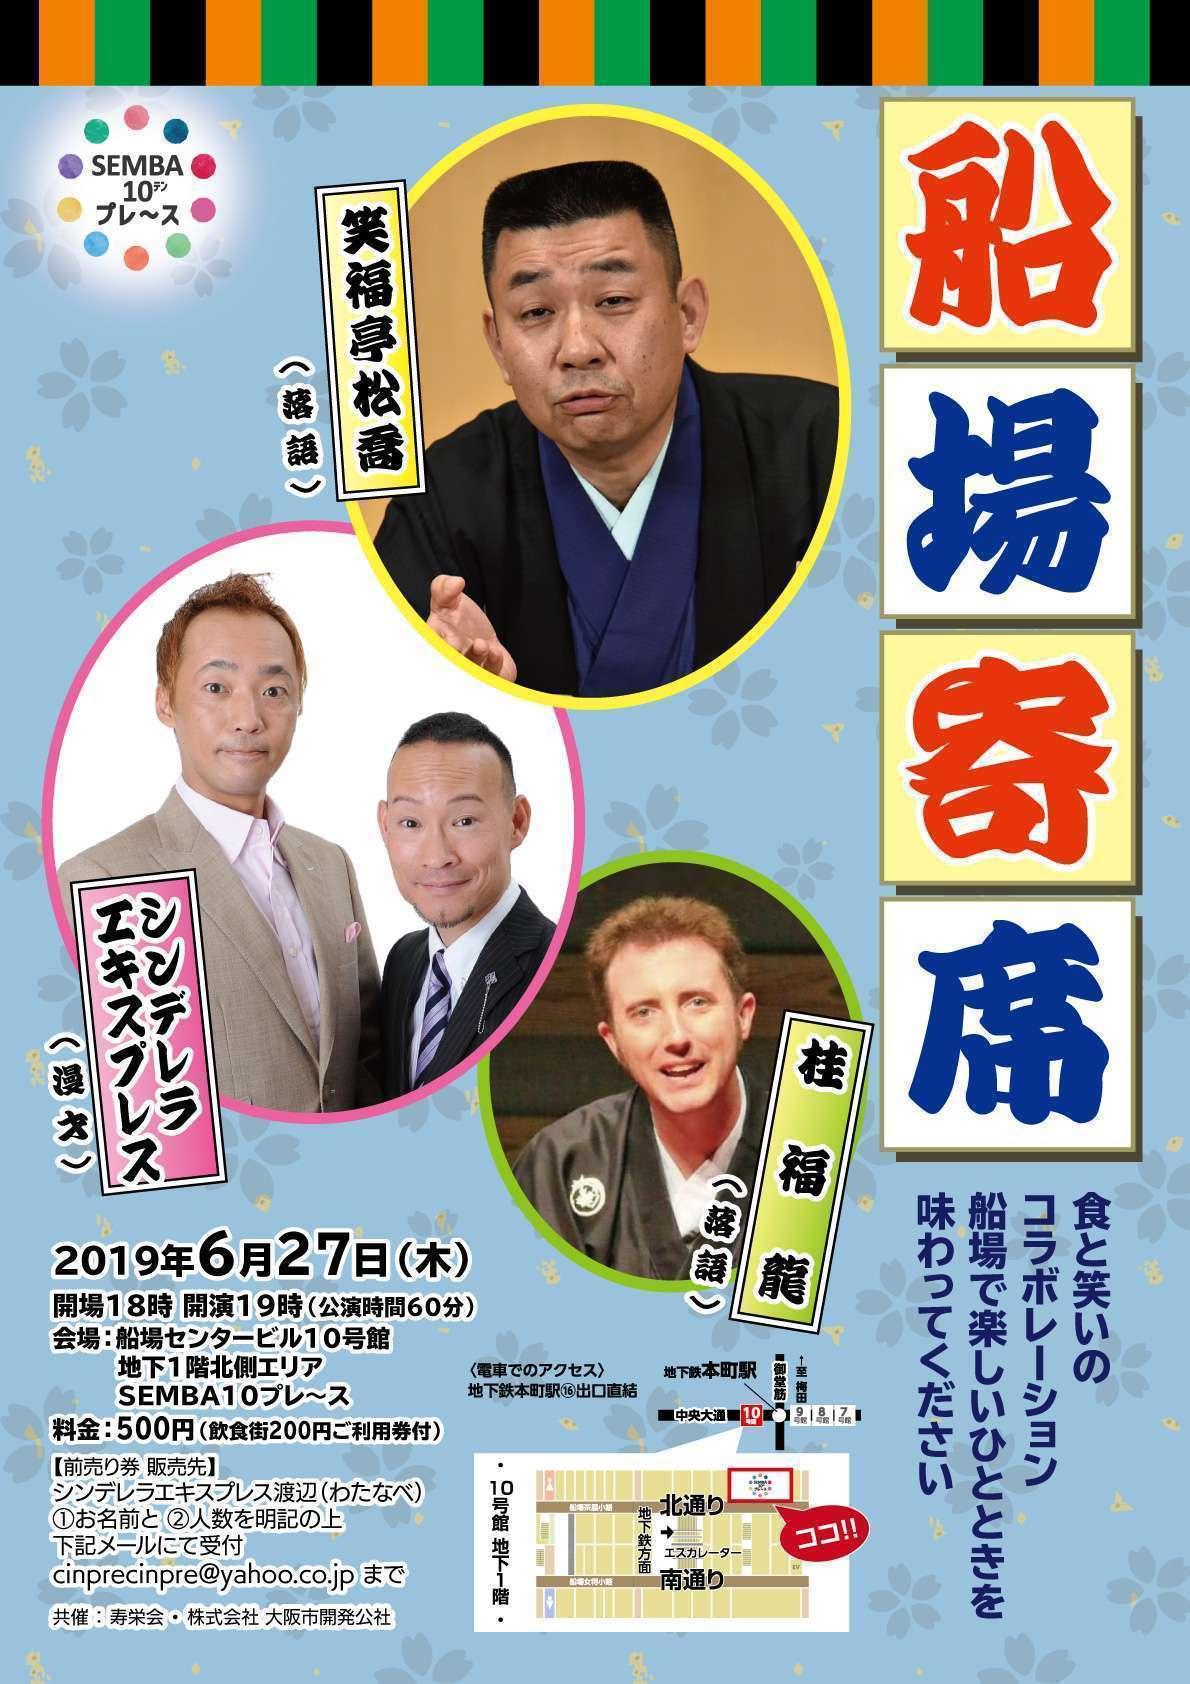 【イベント】船場寄席 其の八!落語 笑福亭松喬、桂福龍